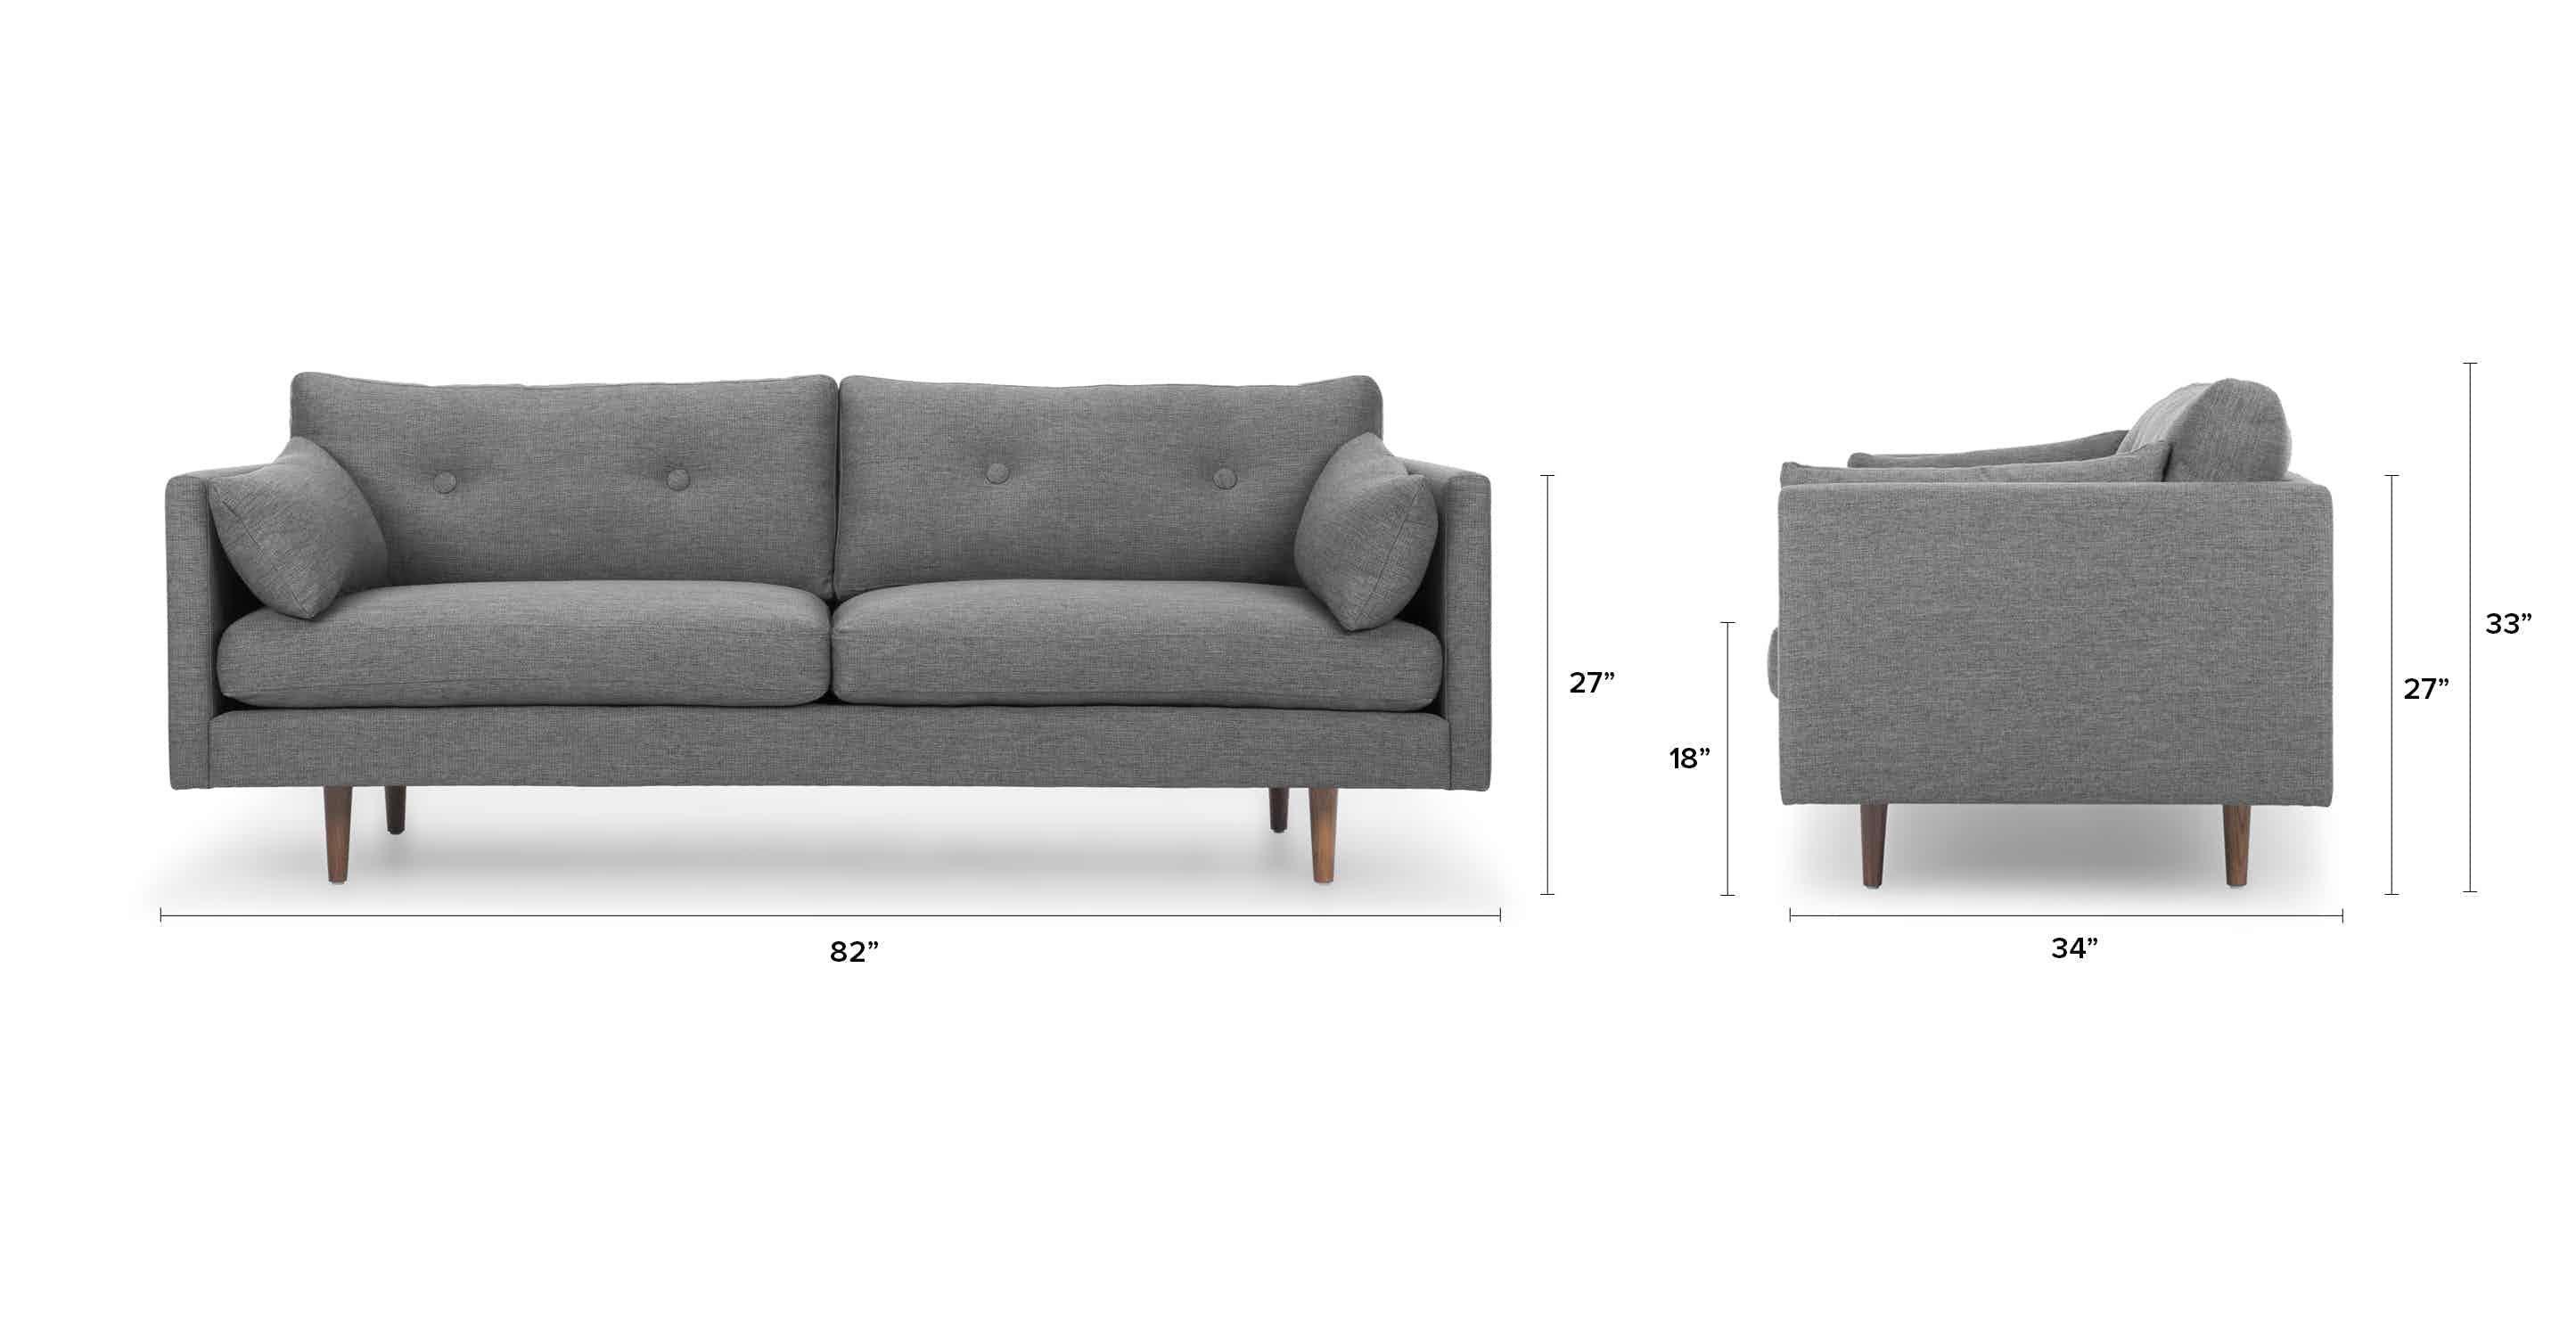 Red Velvet Tufted Sofa Upholstered